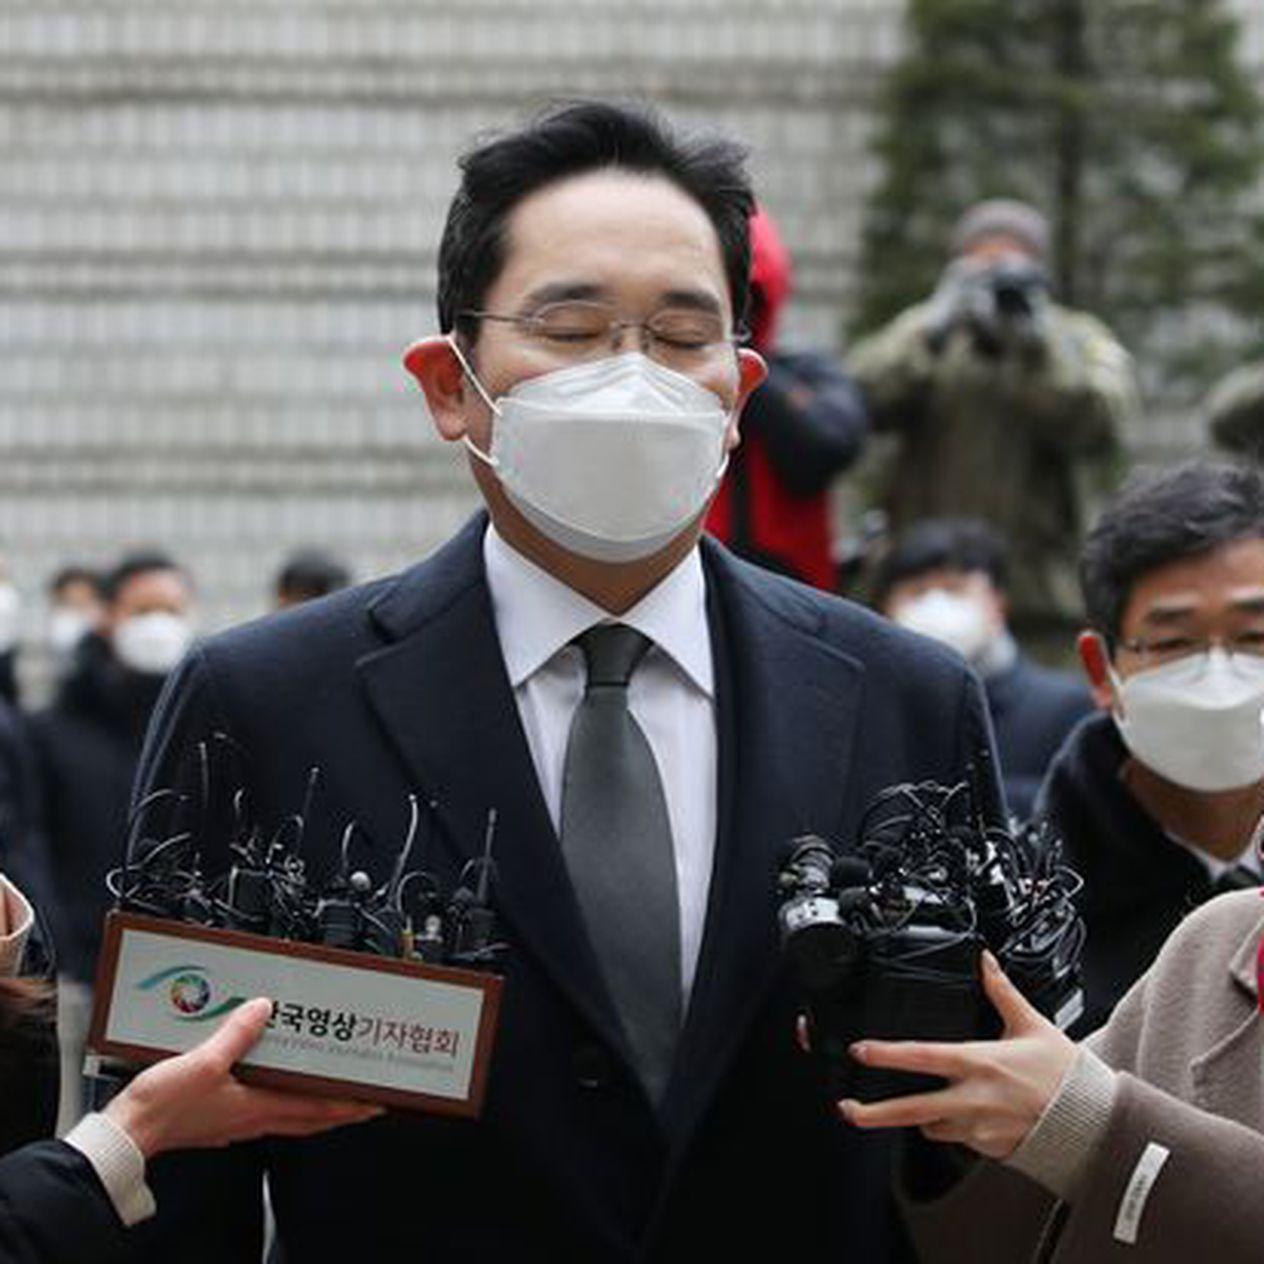 이재용 또 구속 수감, '교도소 담장 위'가 숙명인 한국 기업인